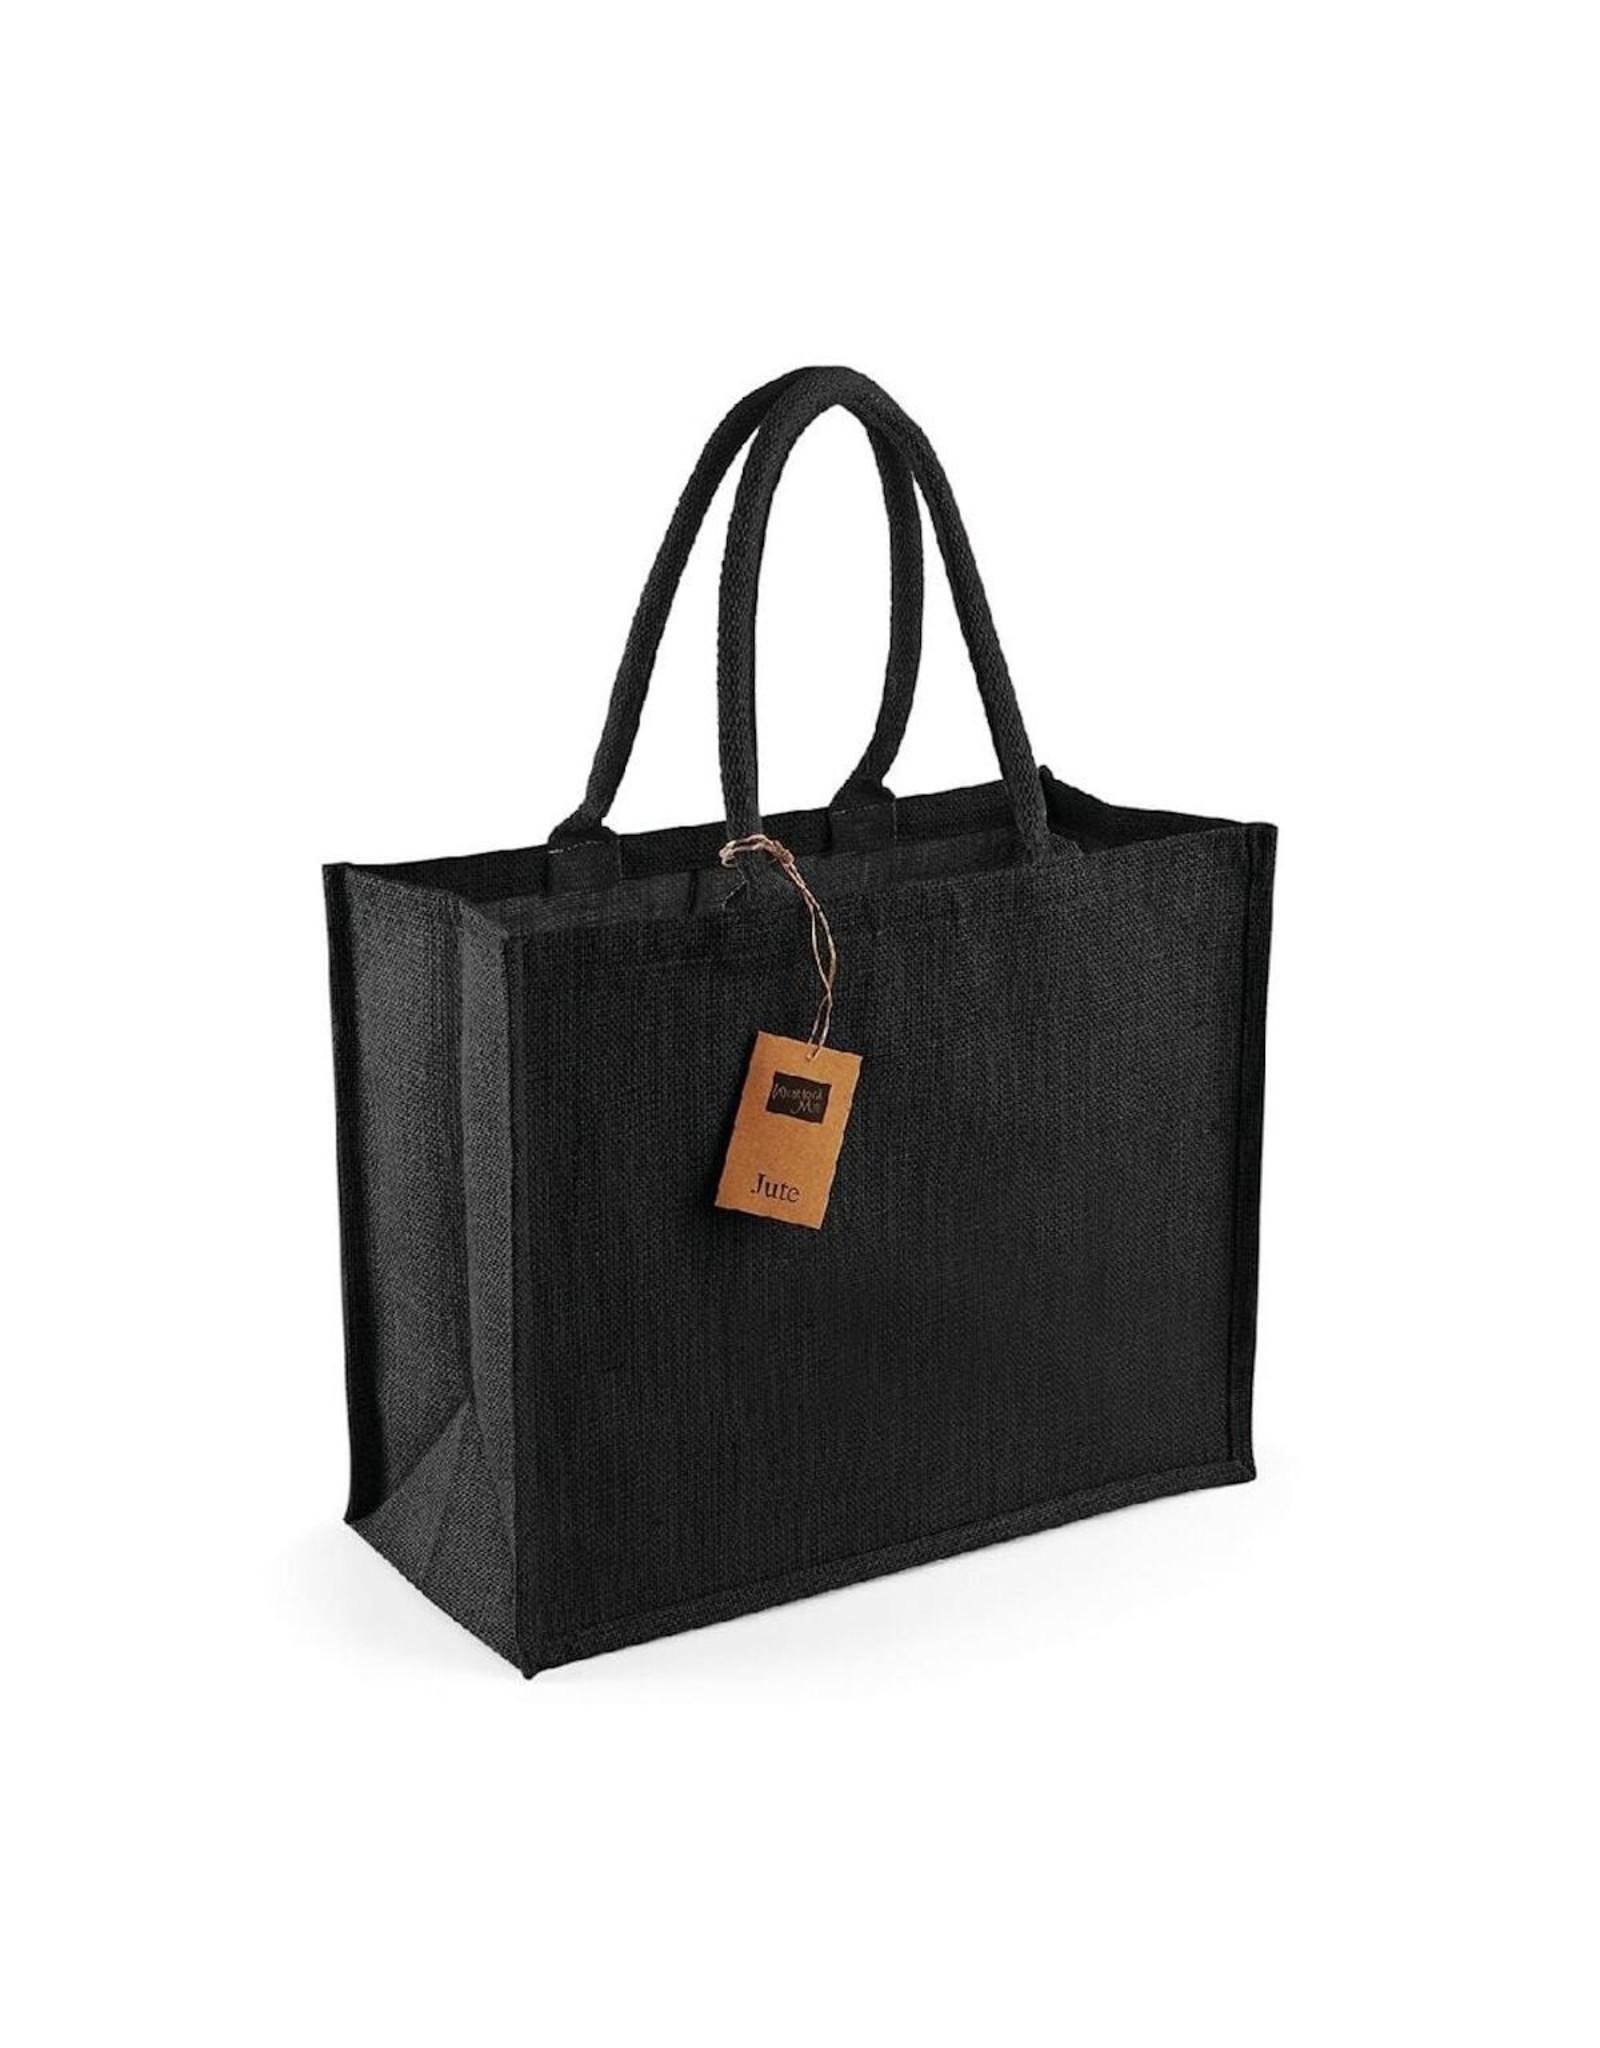 Jute tas (groot) - zwart - zwart